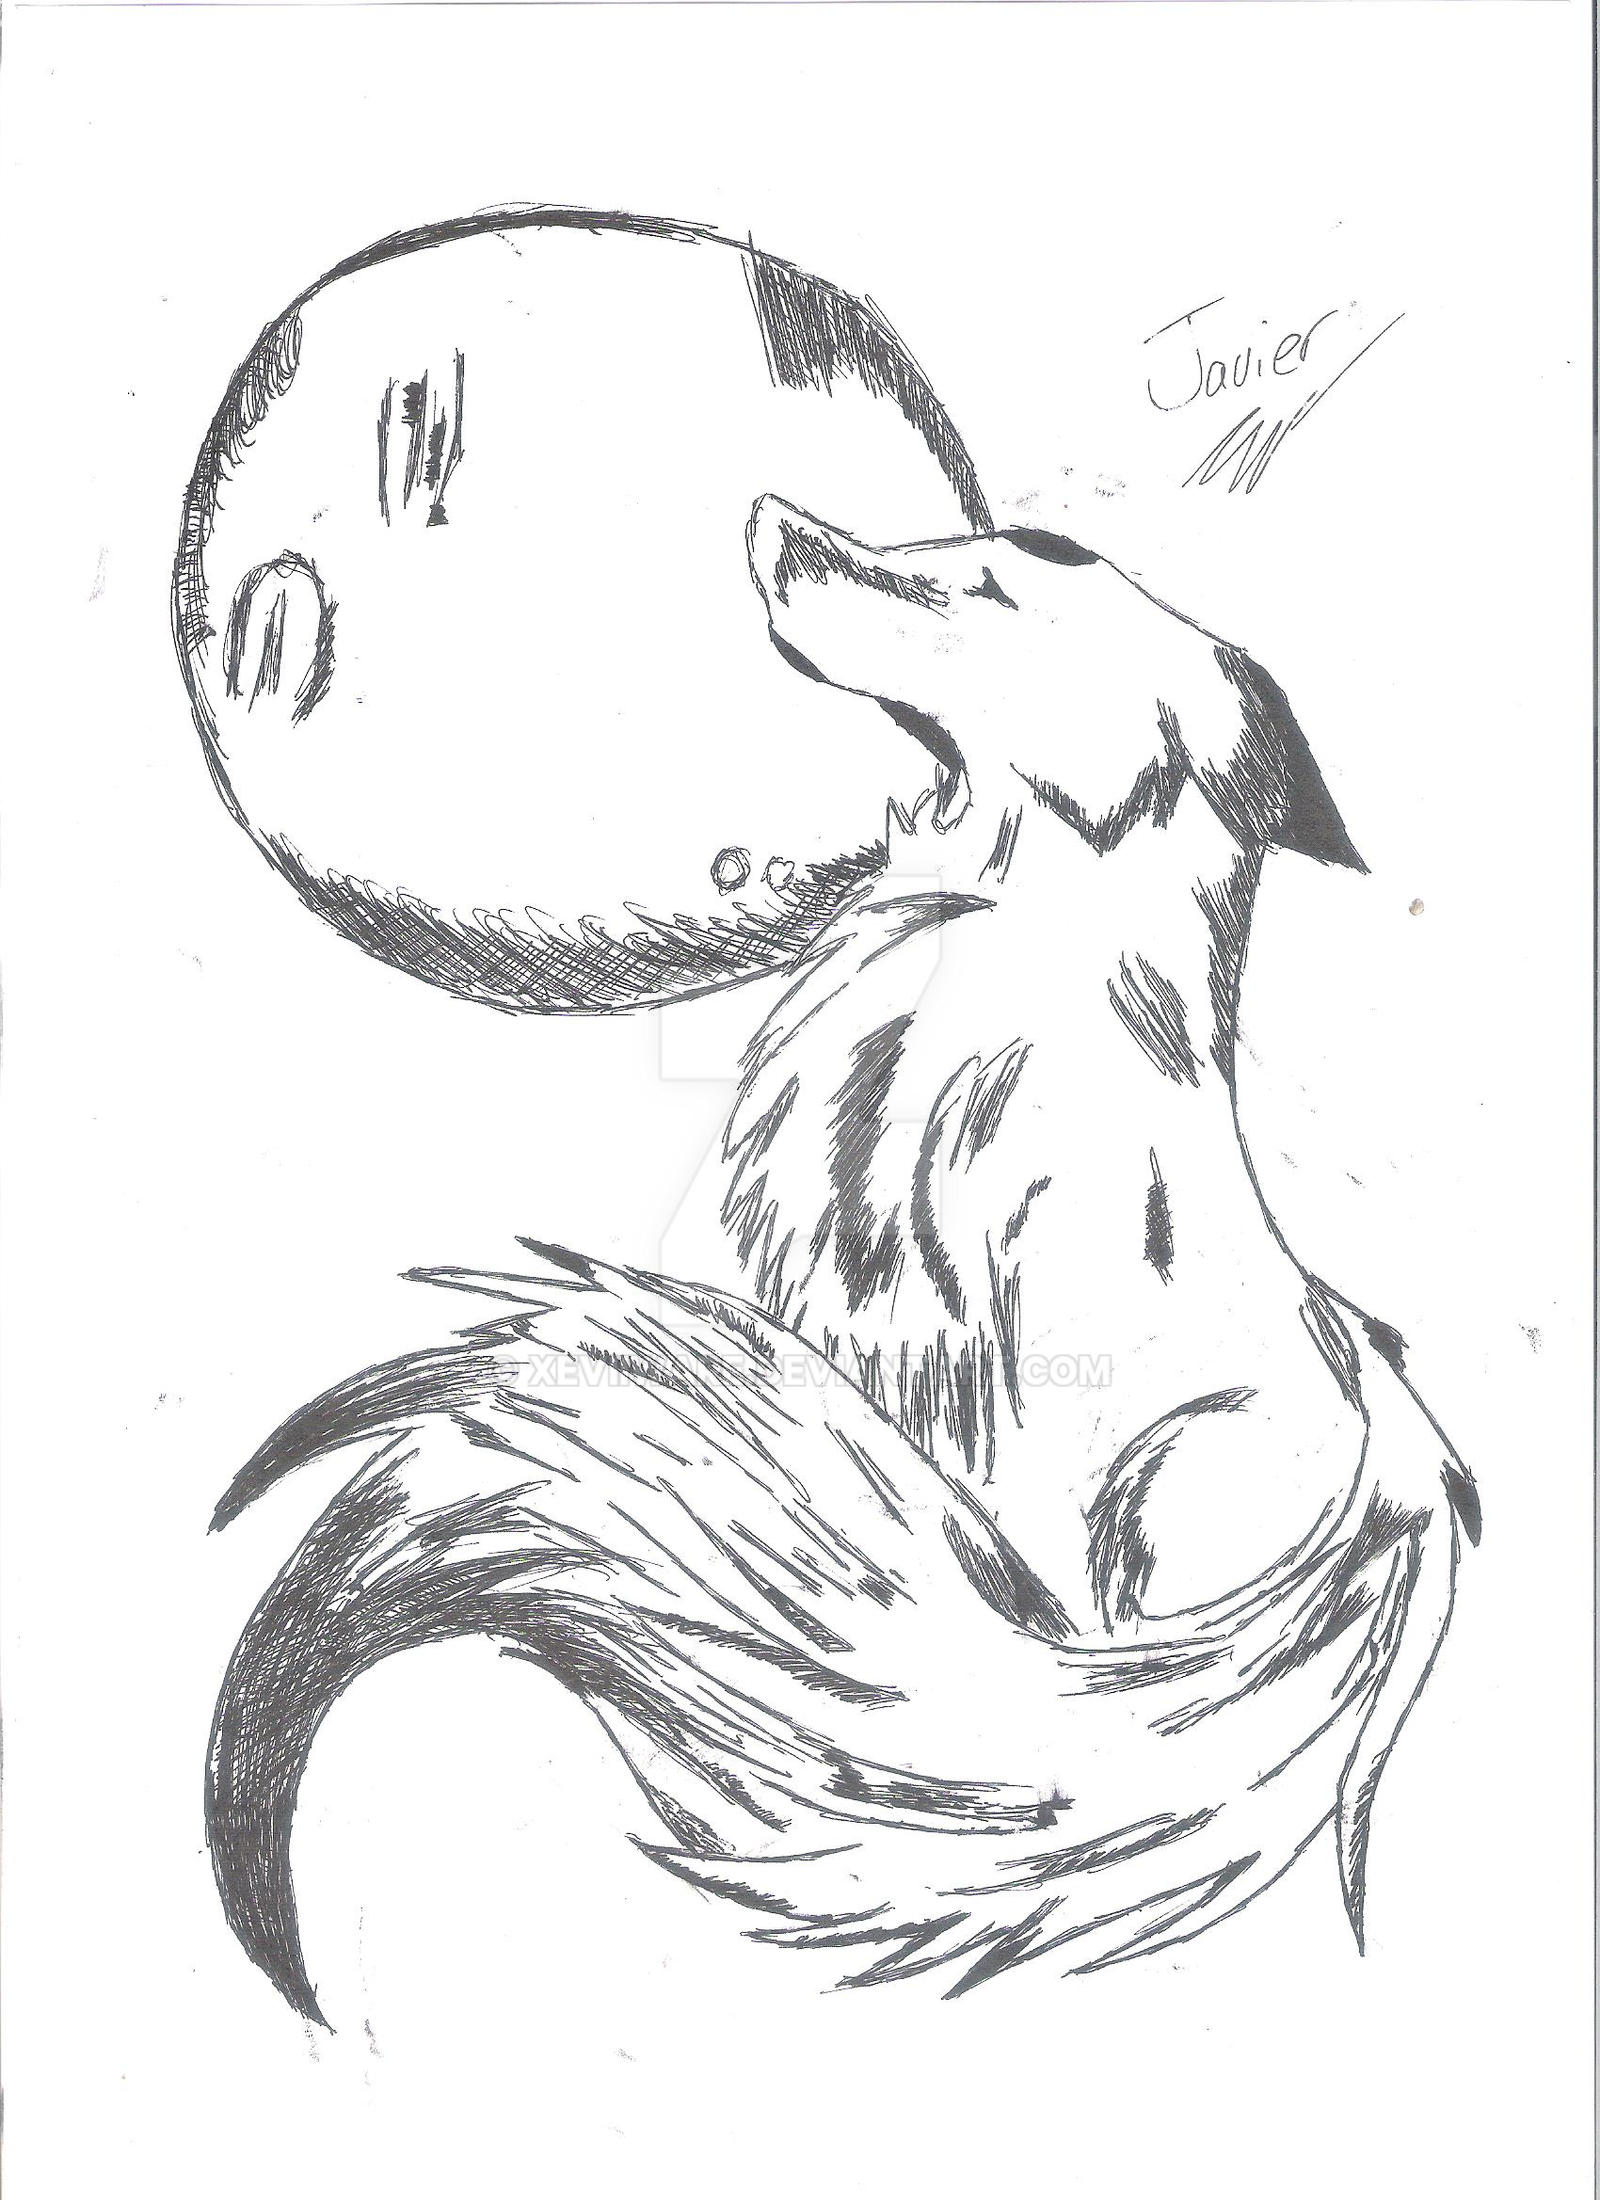 lobo con escala de grises by xeviiware